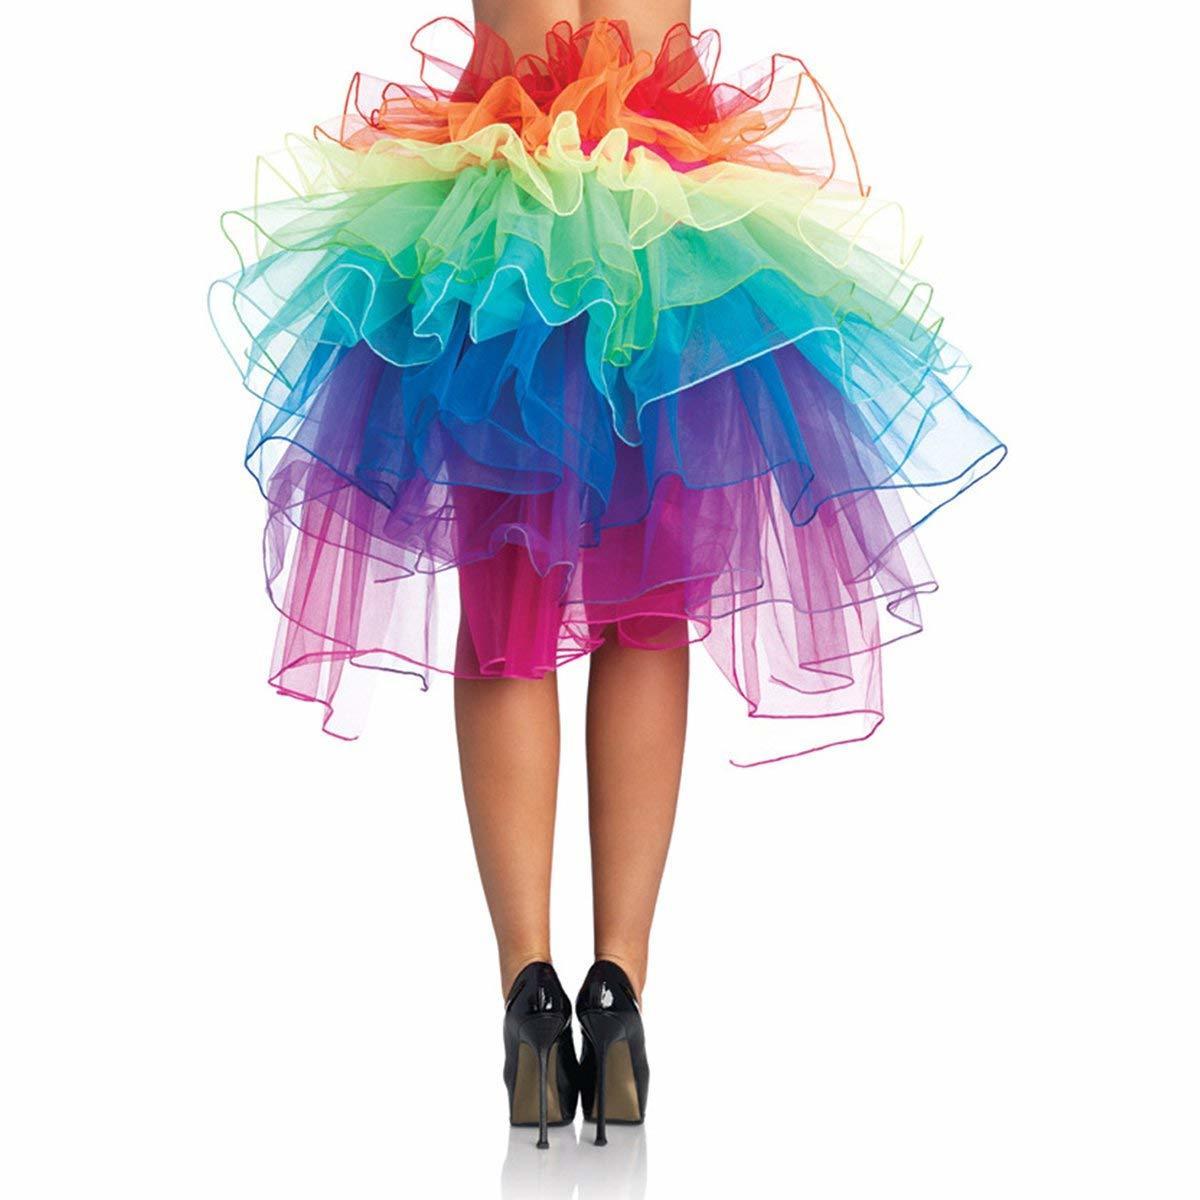 Tüllrock selber machen in Regenbogen Farben für Fasching